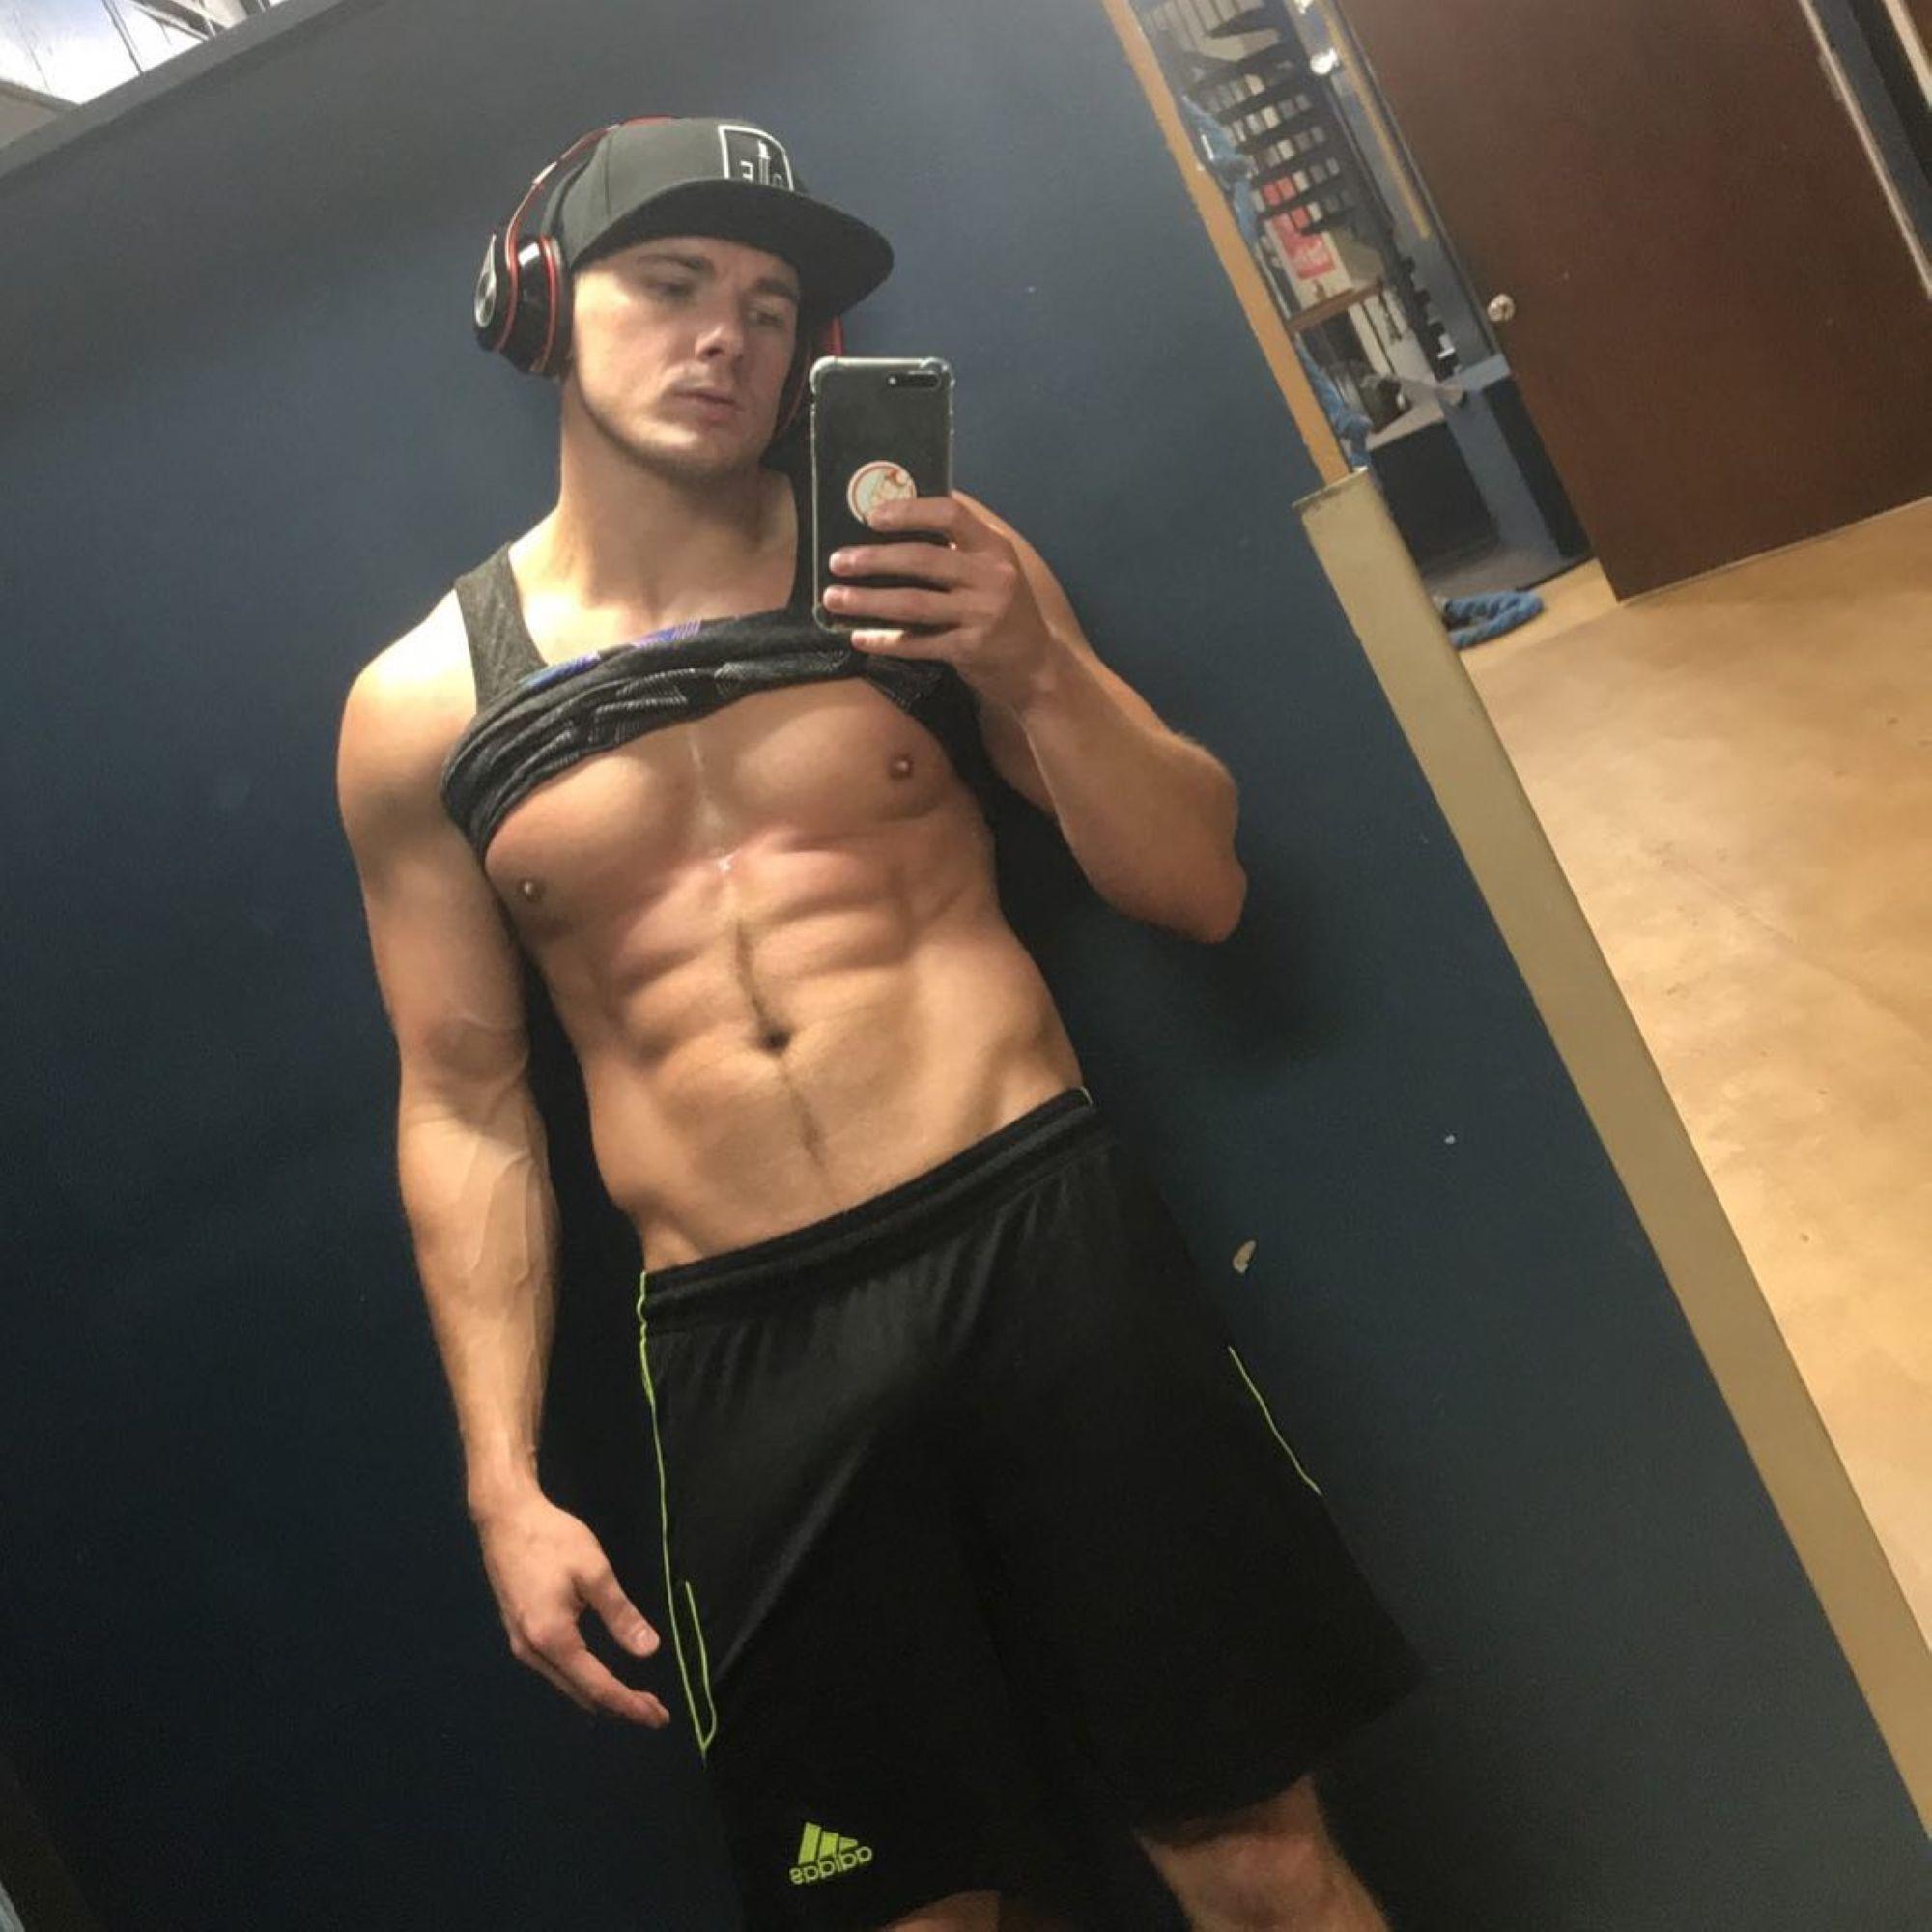 09-Gay-Porn-Caller_1